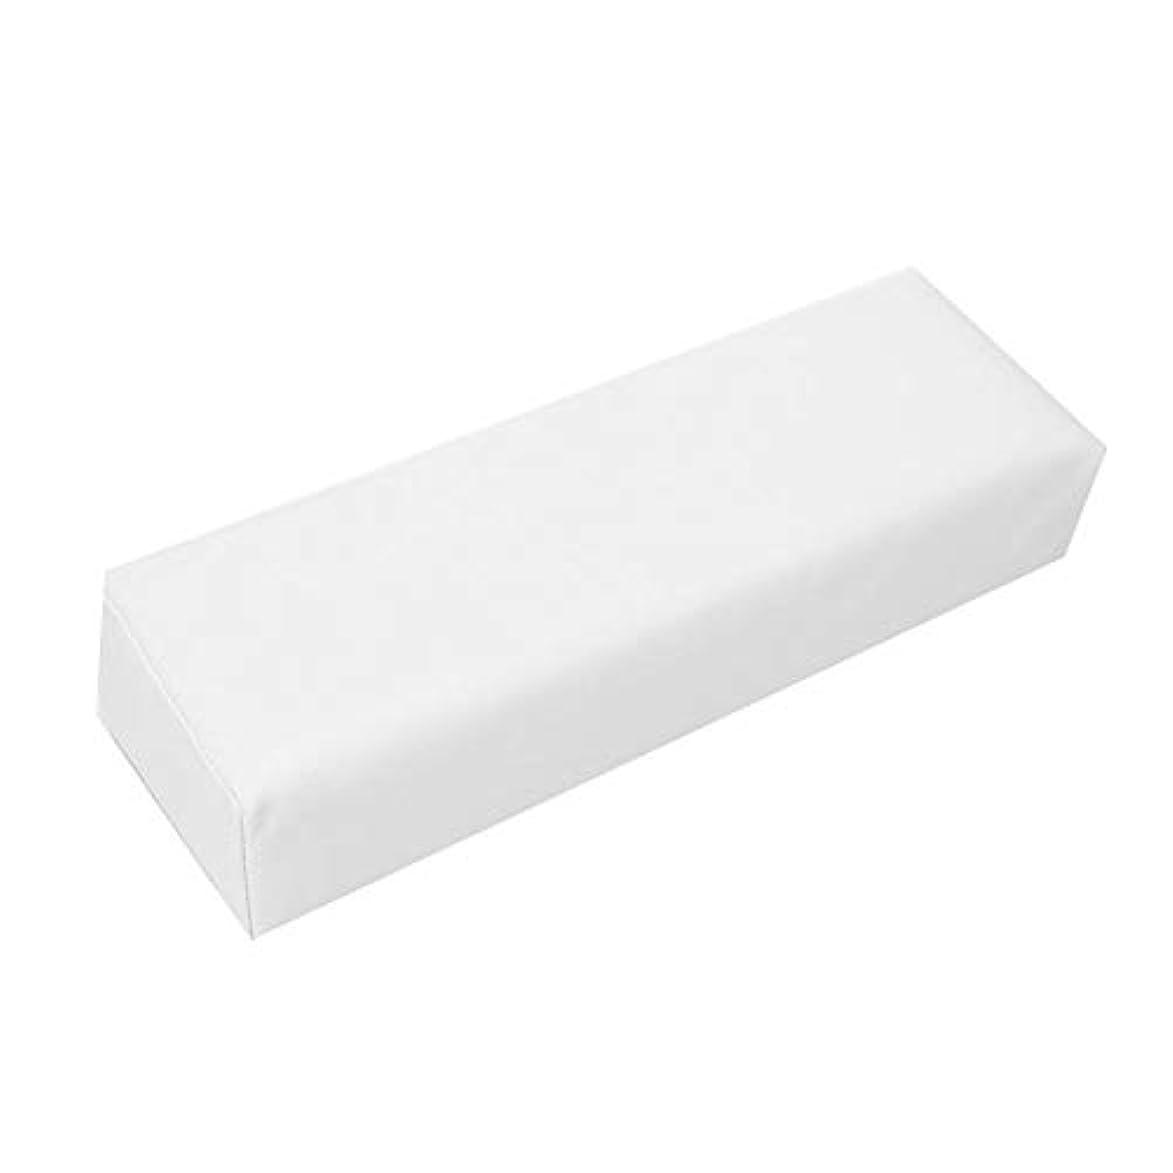 工夫するスリッパ図書館dootiネイル用アームレスト 人工レザー 清潔容易 手をサポート 練習用にも 高弾性な充填物 美容院 美容室 ネイルサロン 理容室に適用(ホワイト)